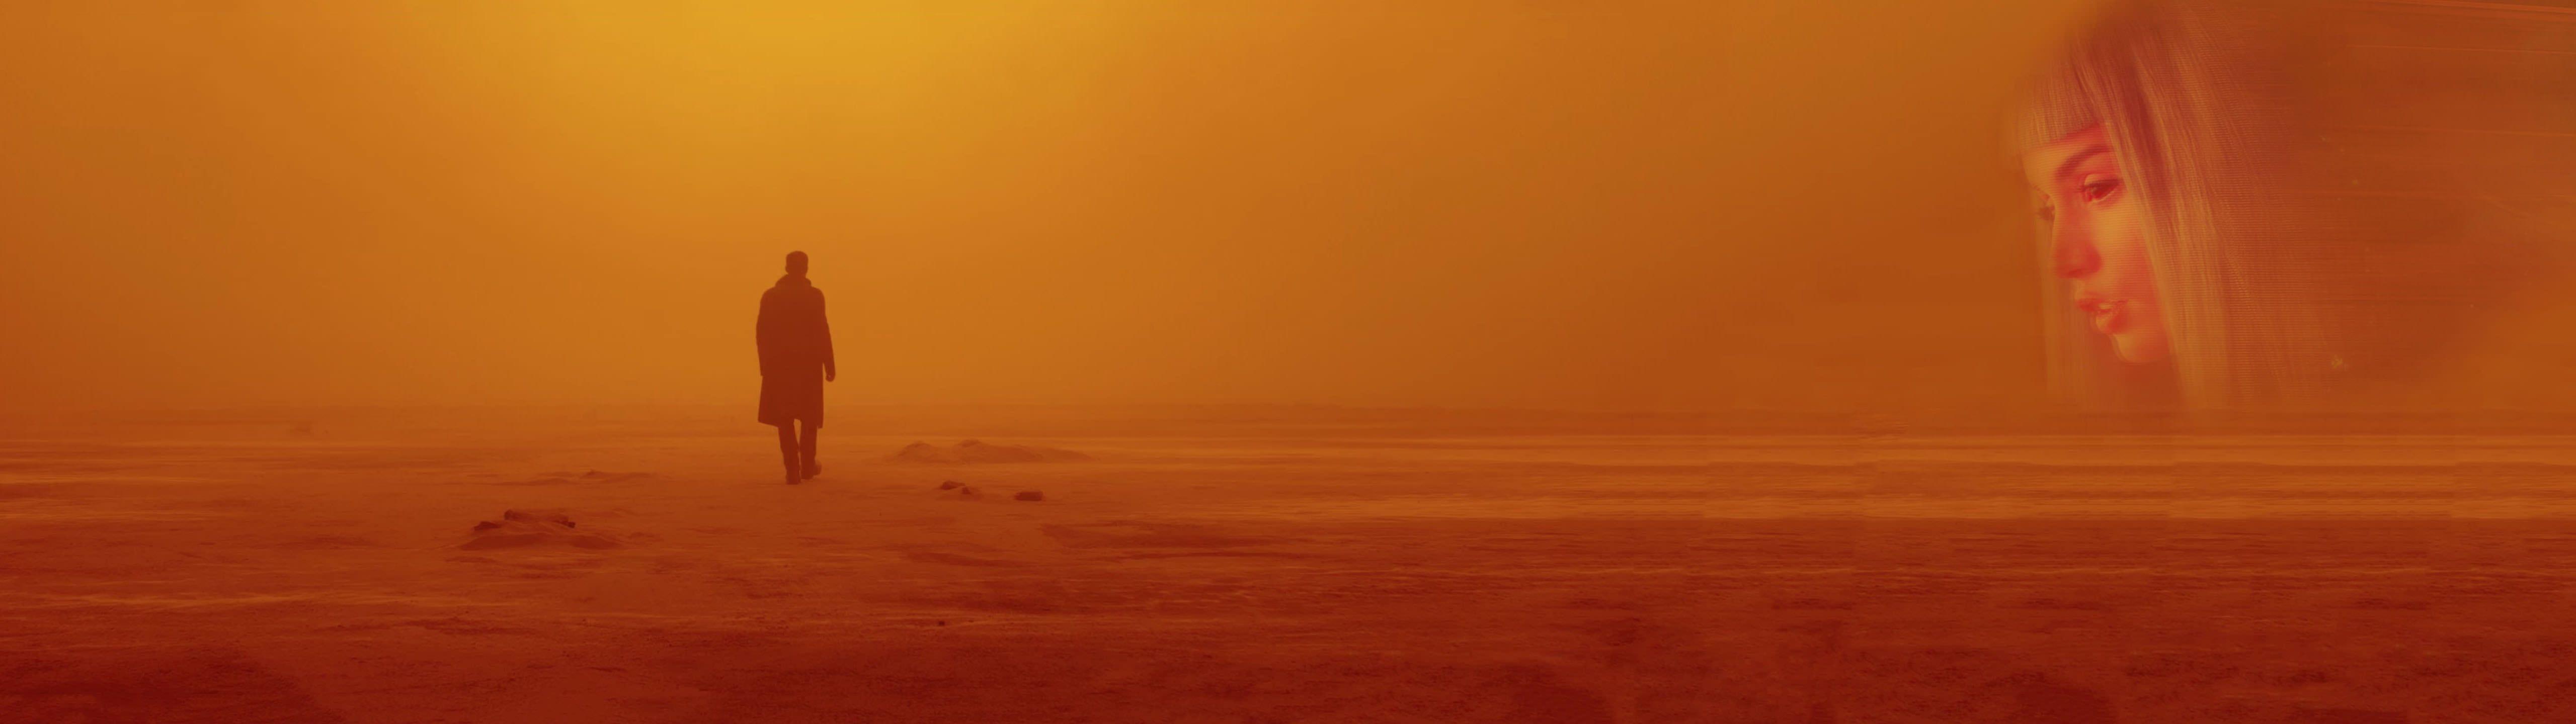 Man Standing On Open Field Digital Wallpaper Blade Runner 2049